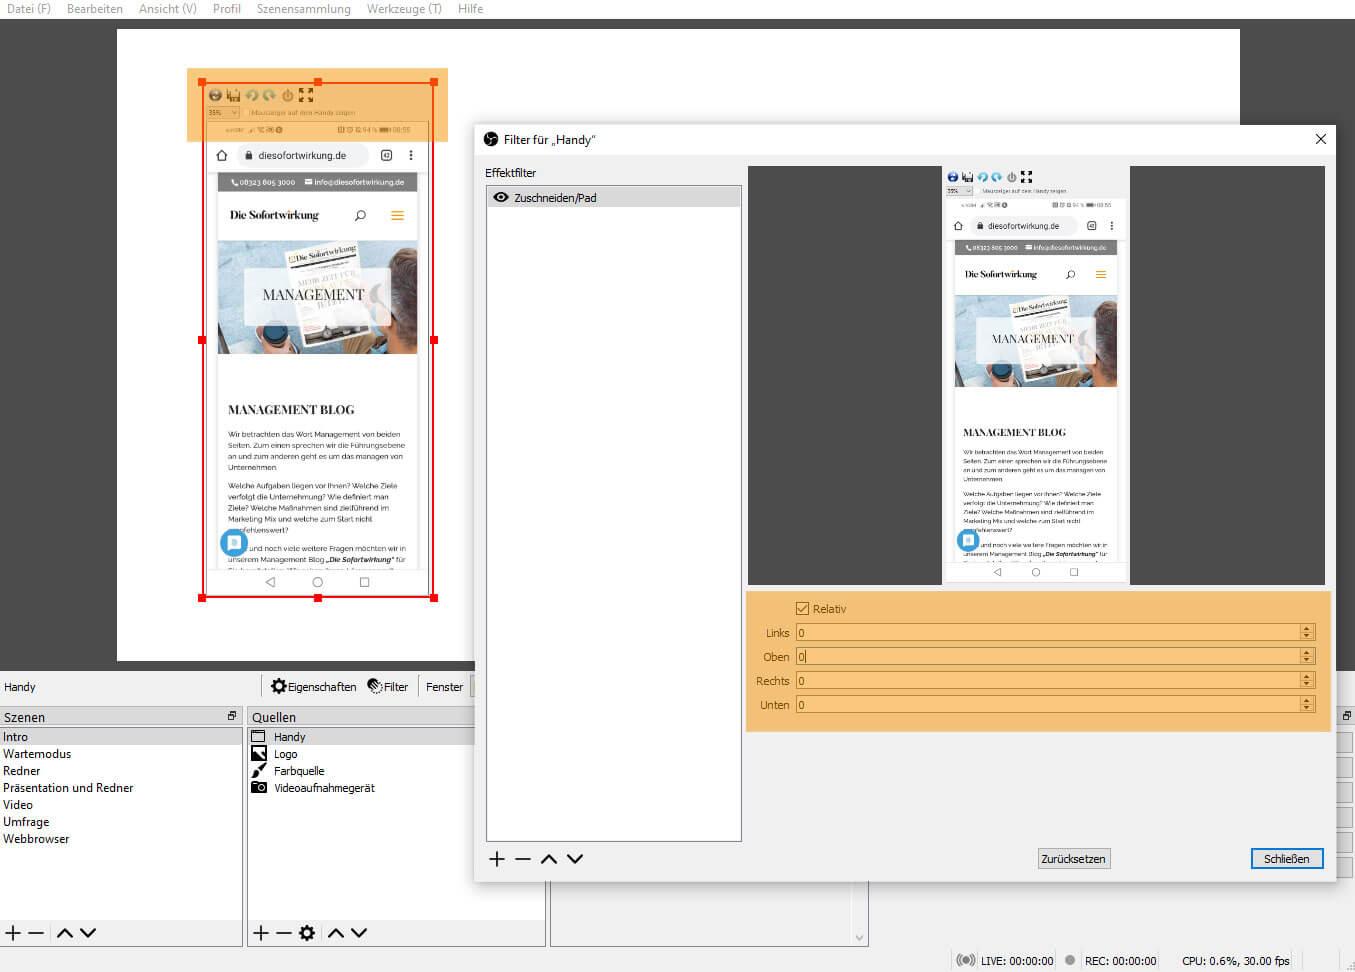 OBS Studio 26.1.1 – Filter Zuschneiden/Pad nachher